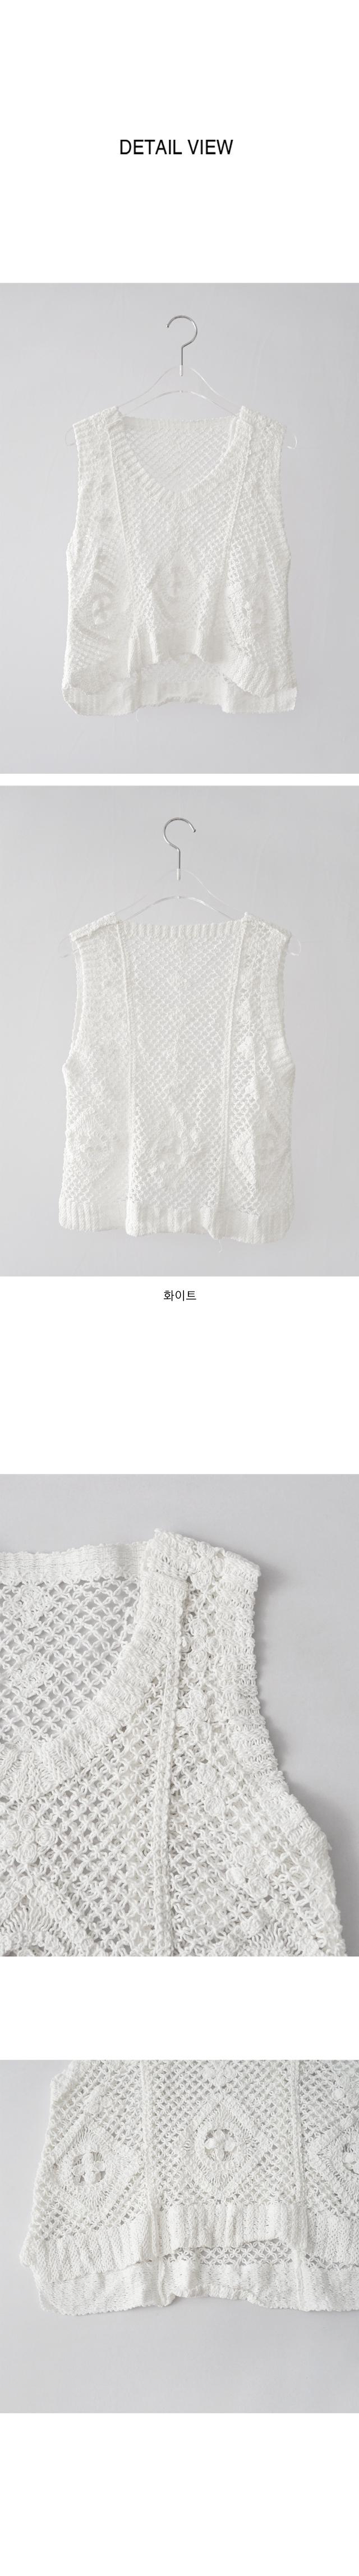 cozy knitting vest